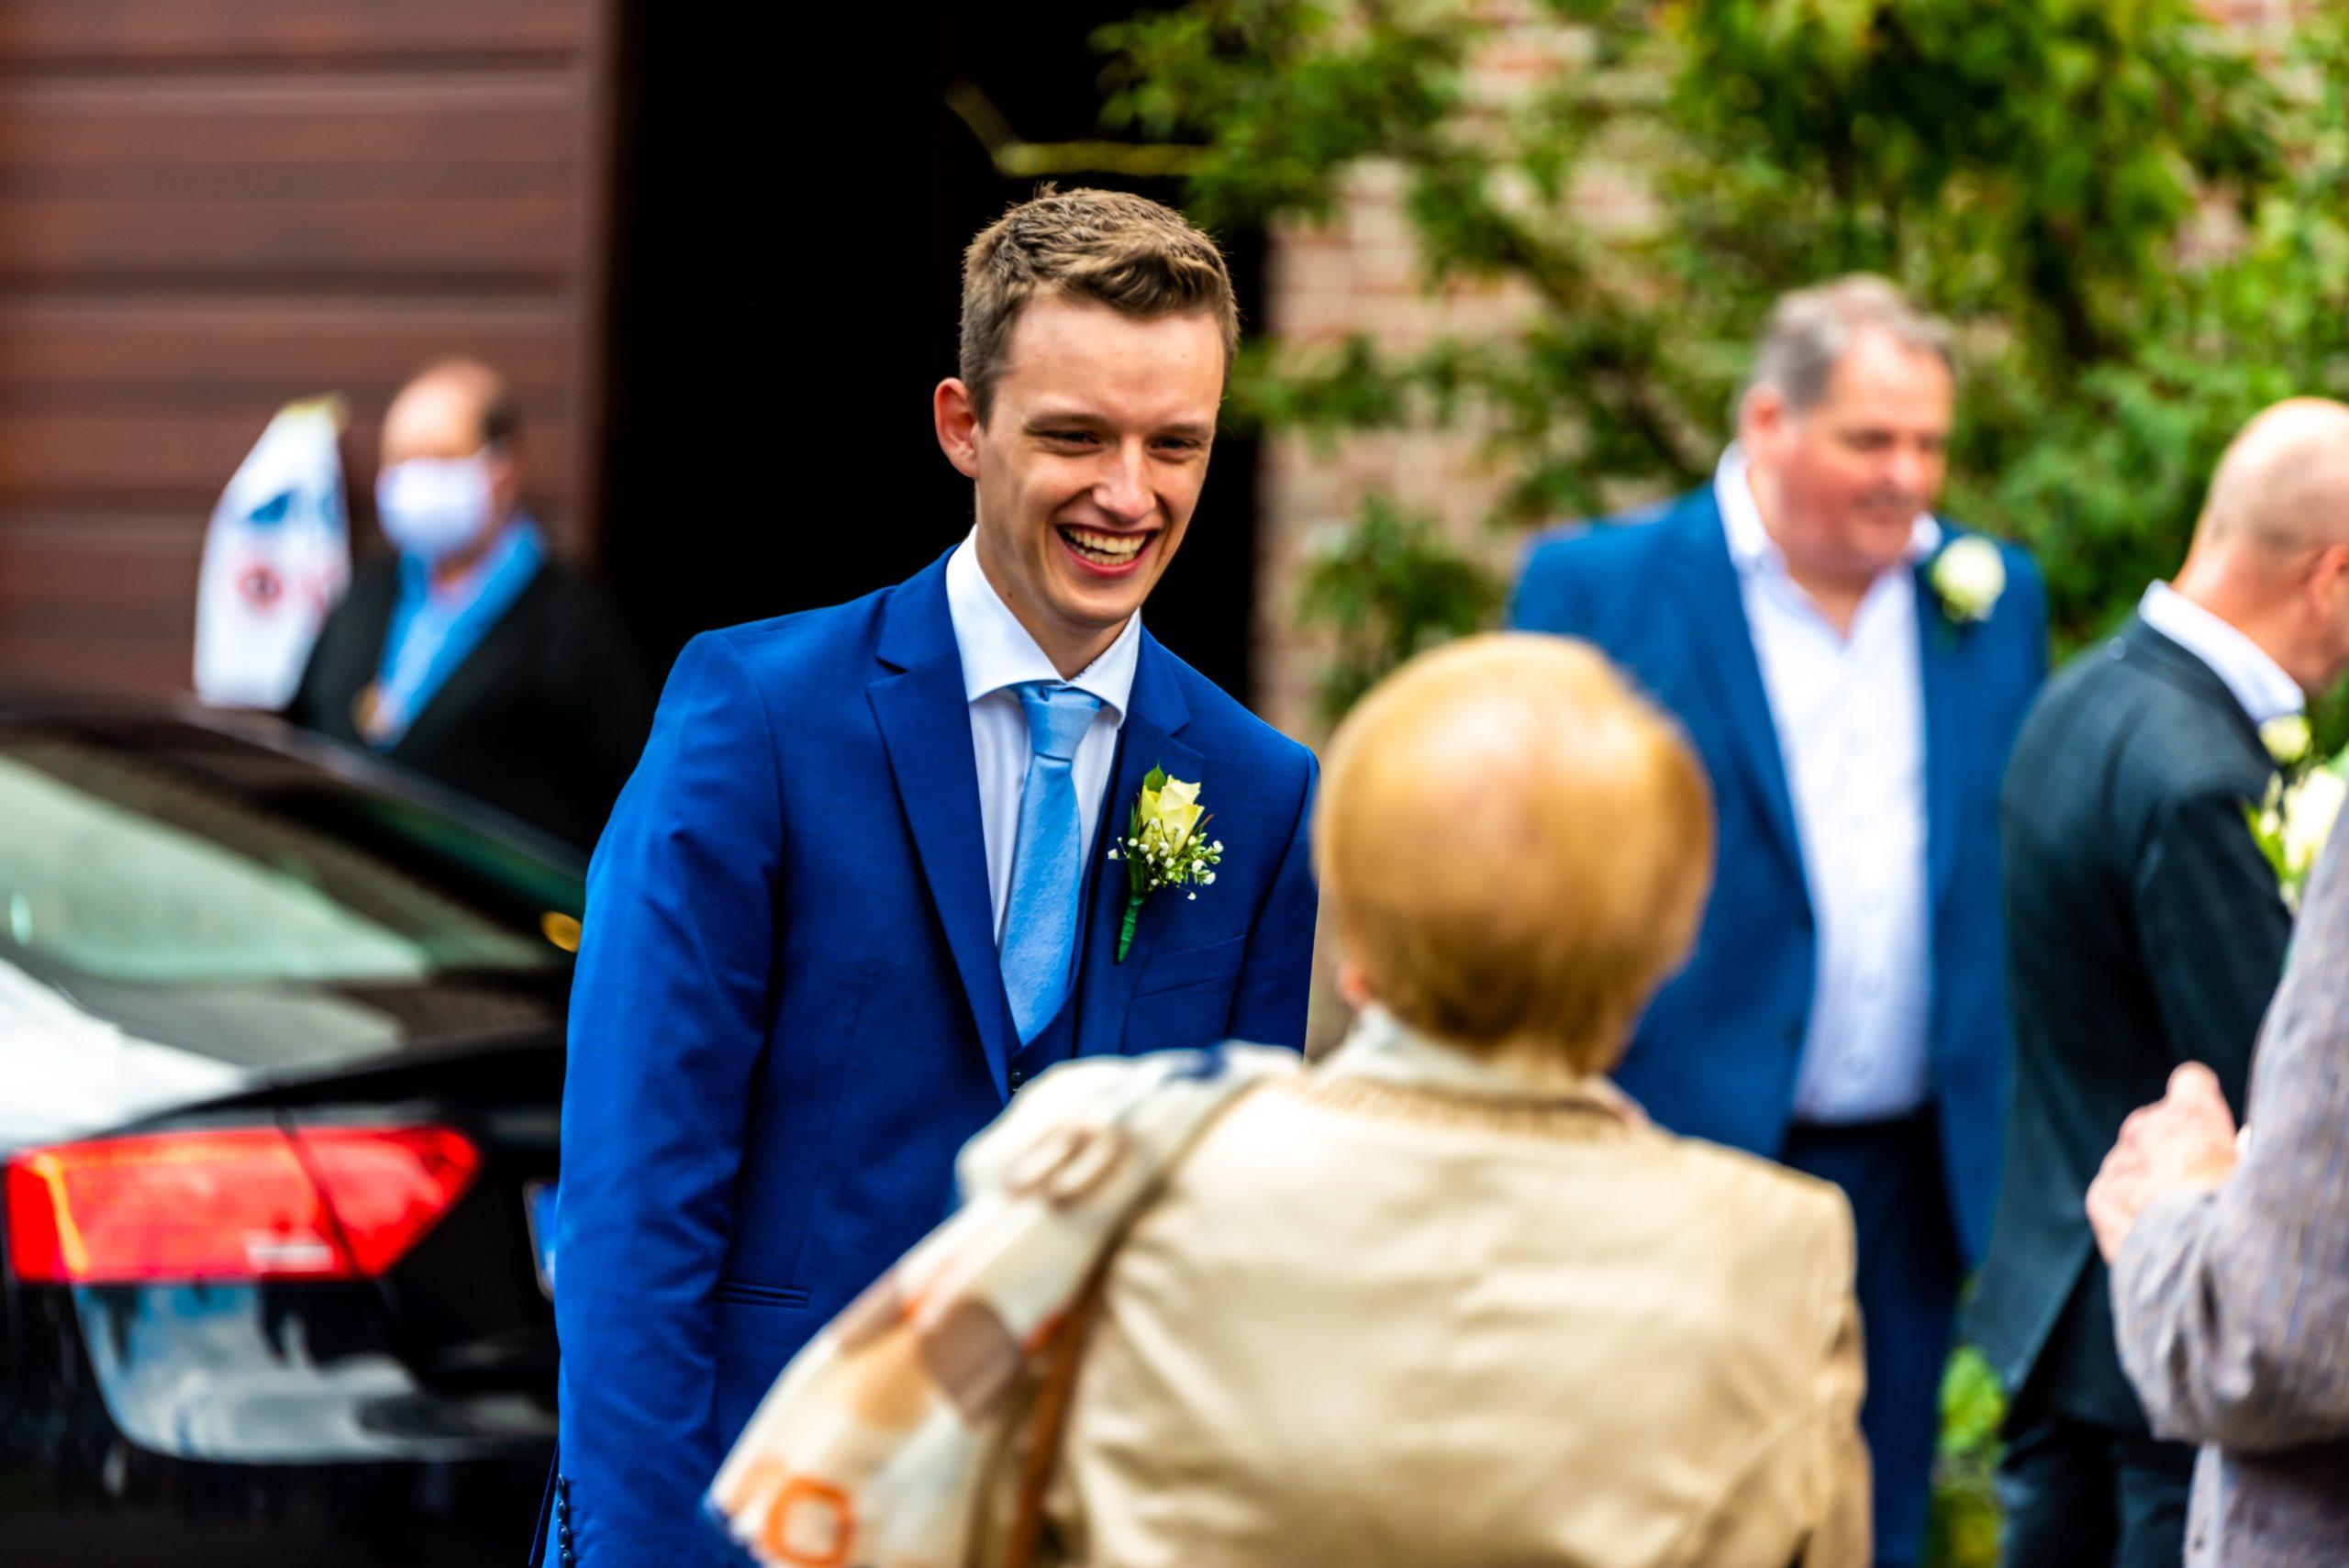 Bruiloft Tom & Phylona